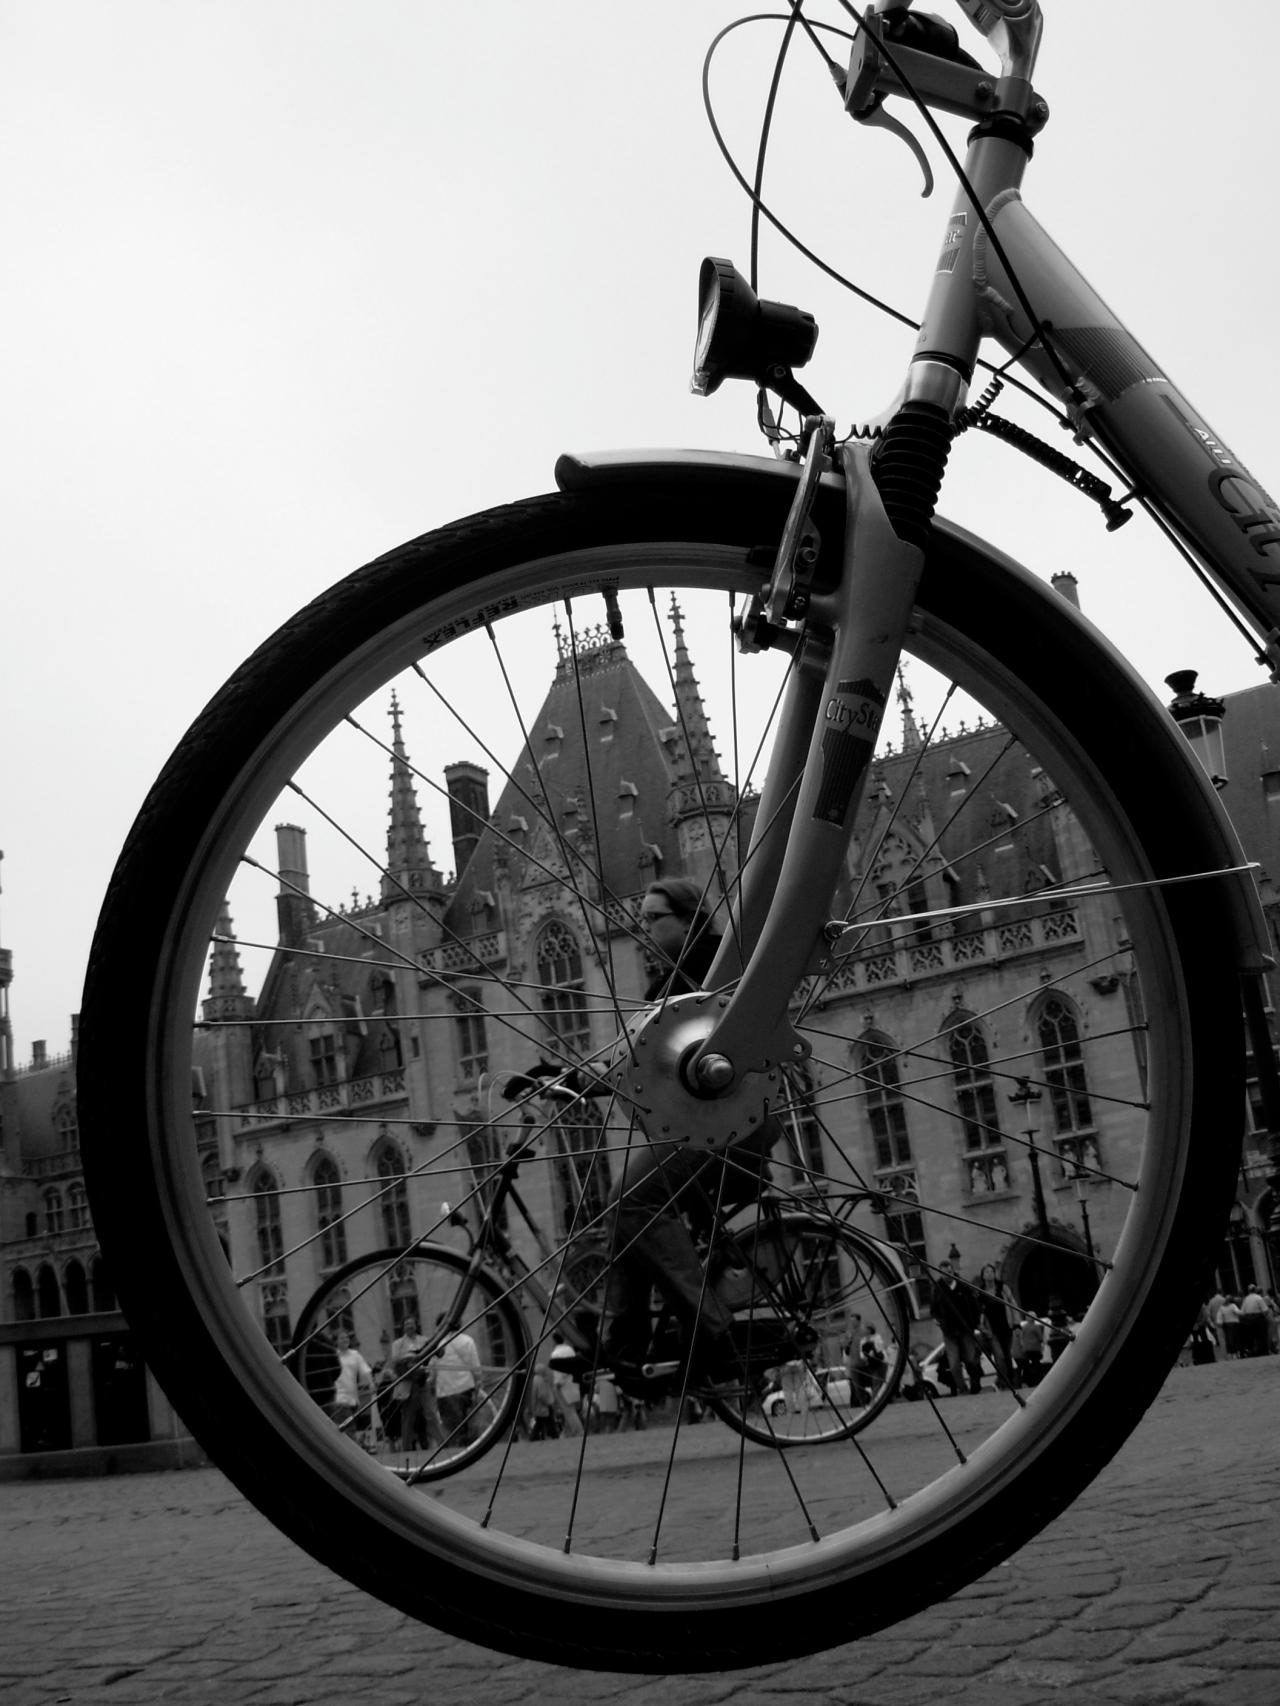 O dia está bom pra passear por Bruges, a cidade dasBruxas